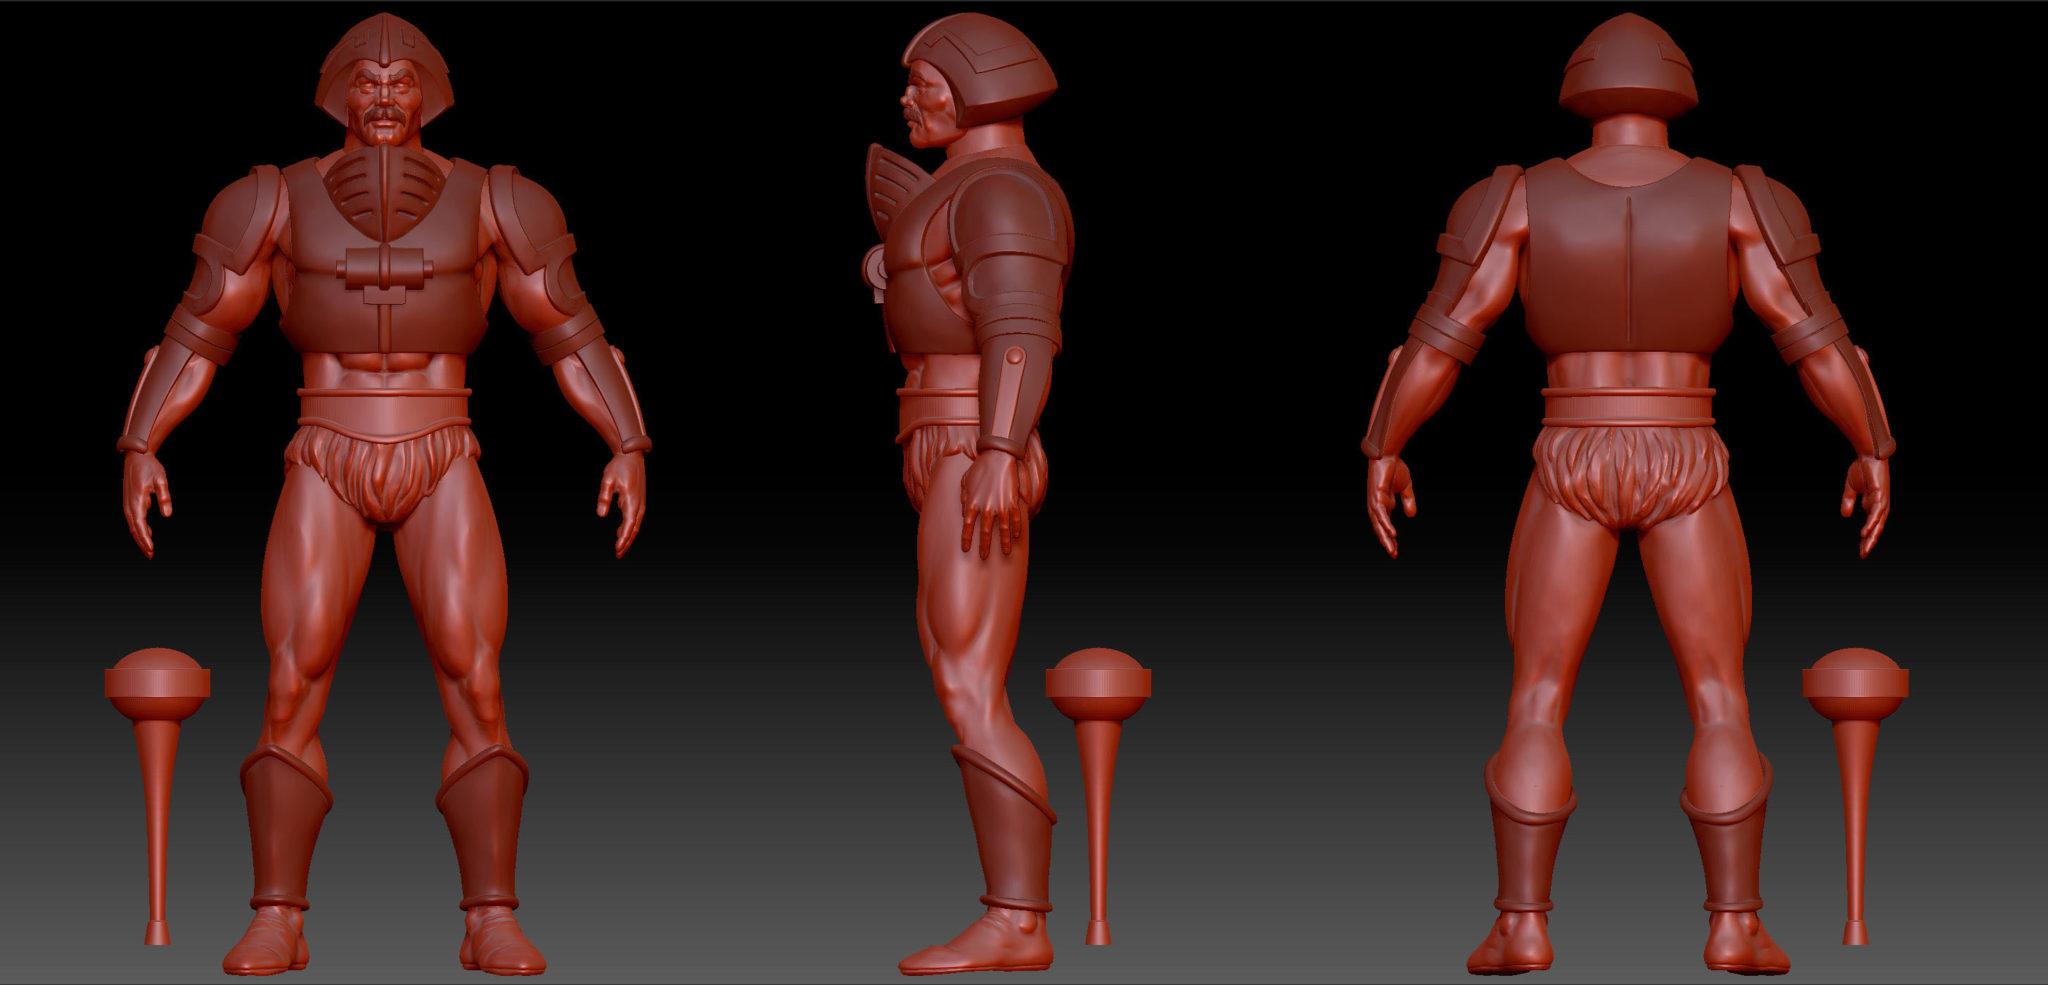 Man-At-Arms digital sculpt